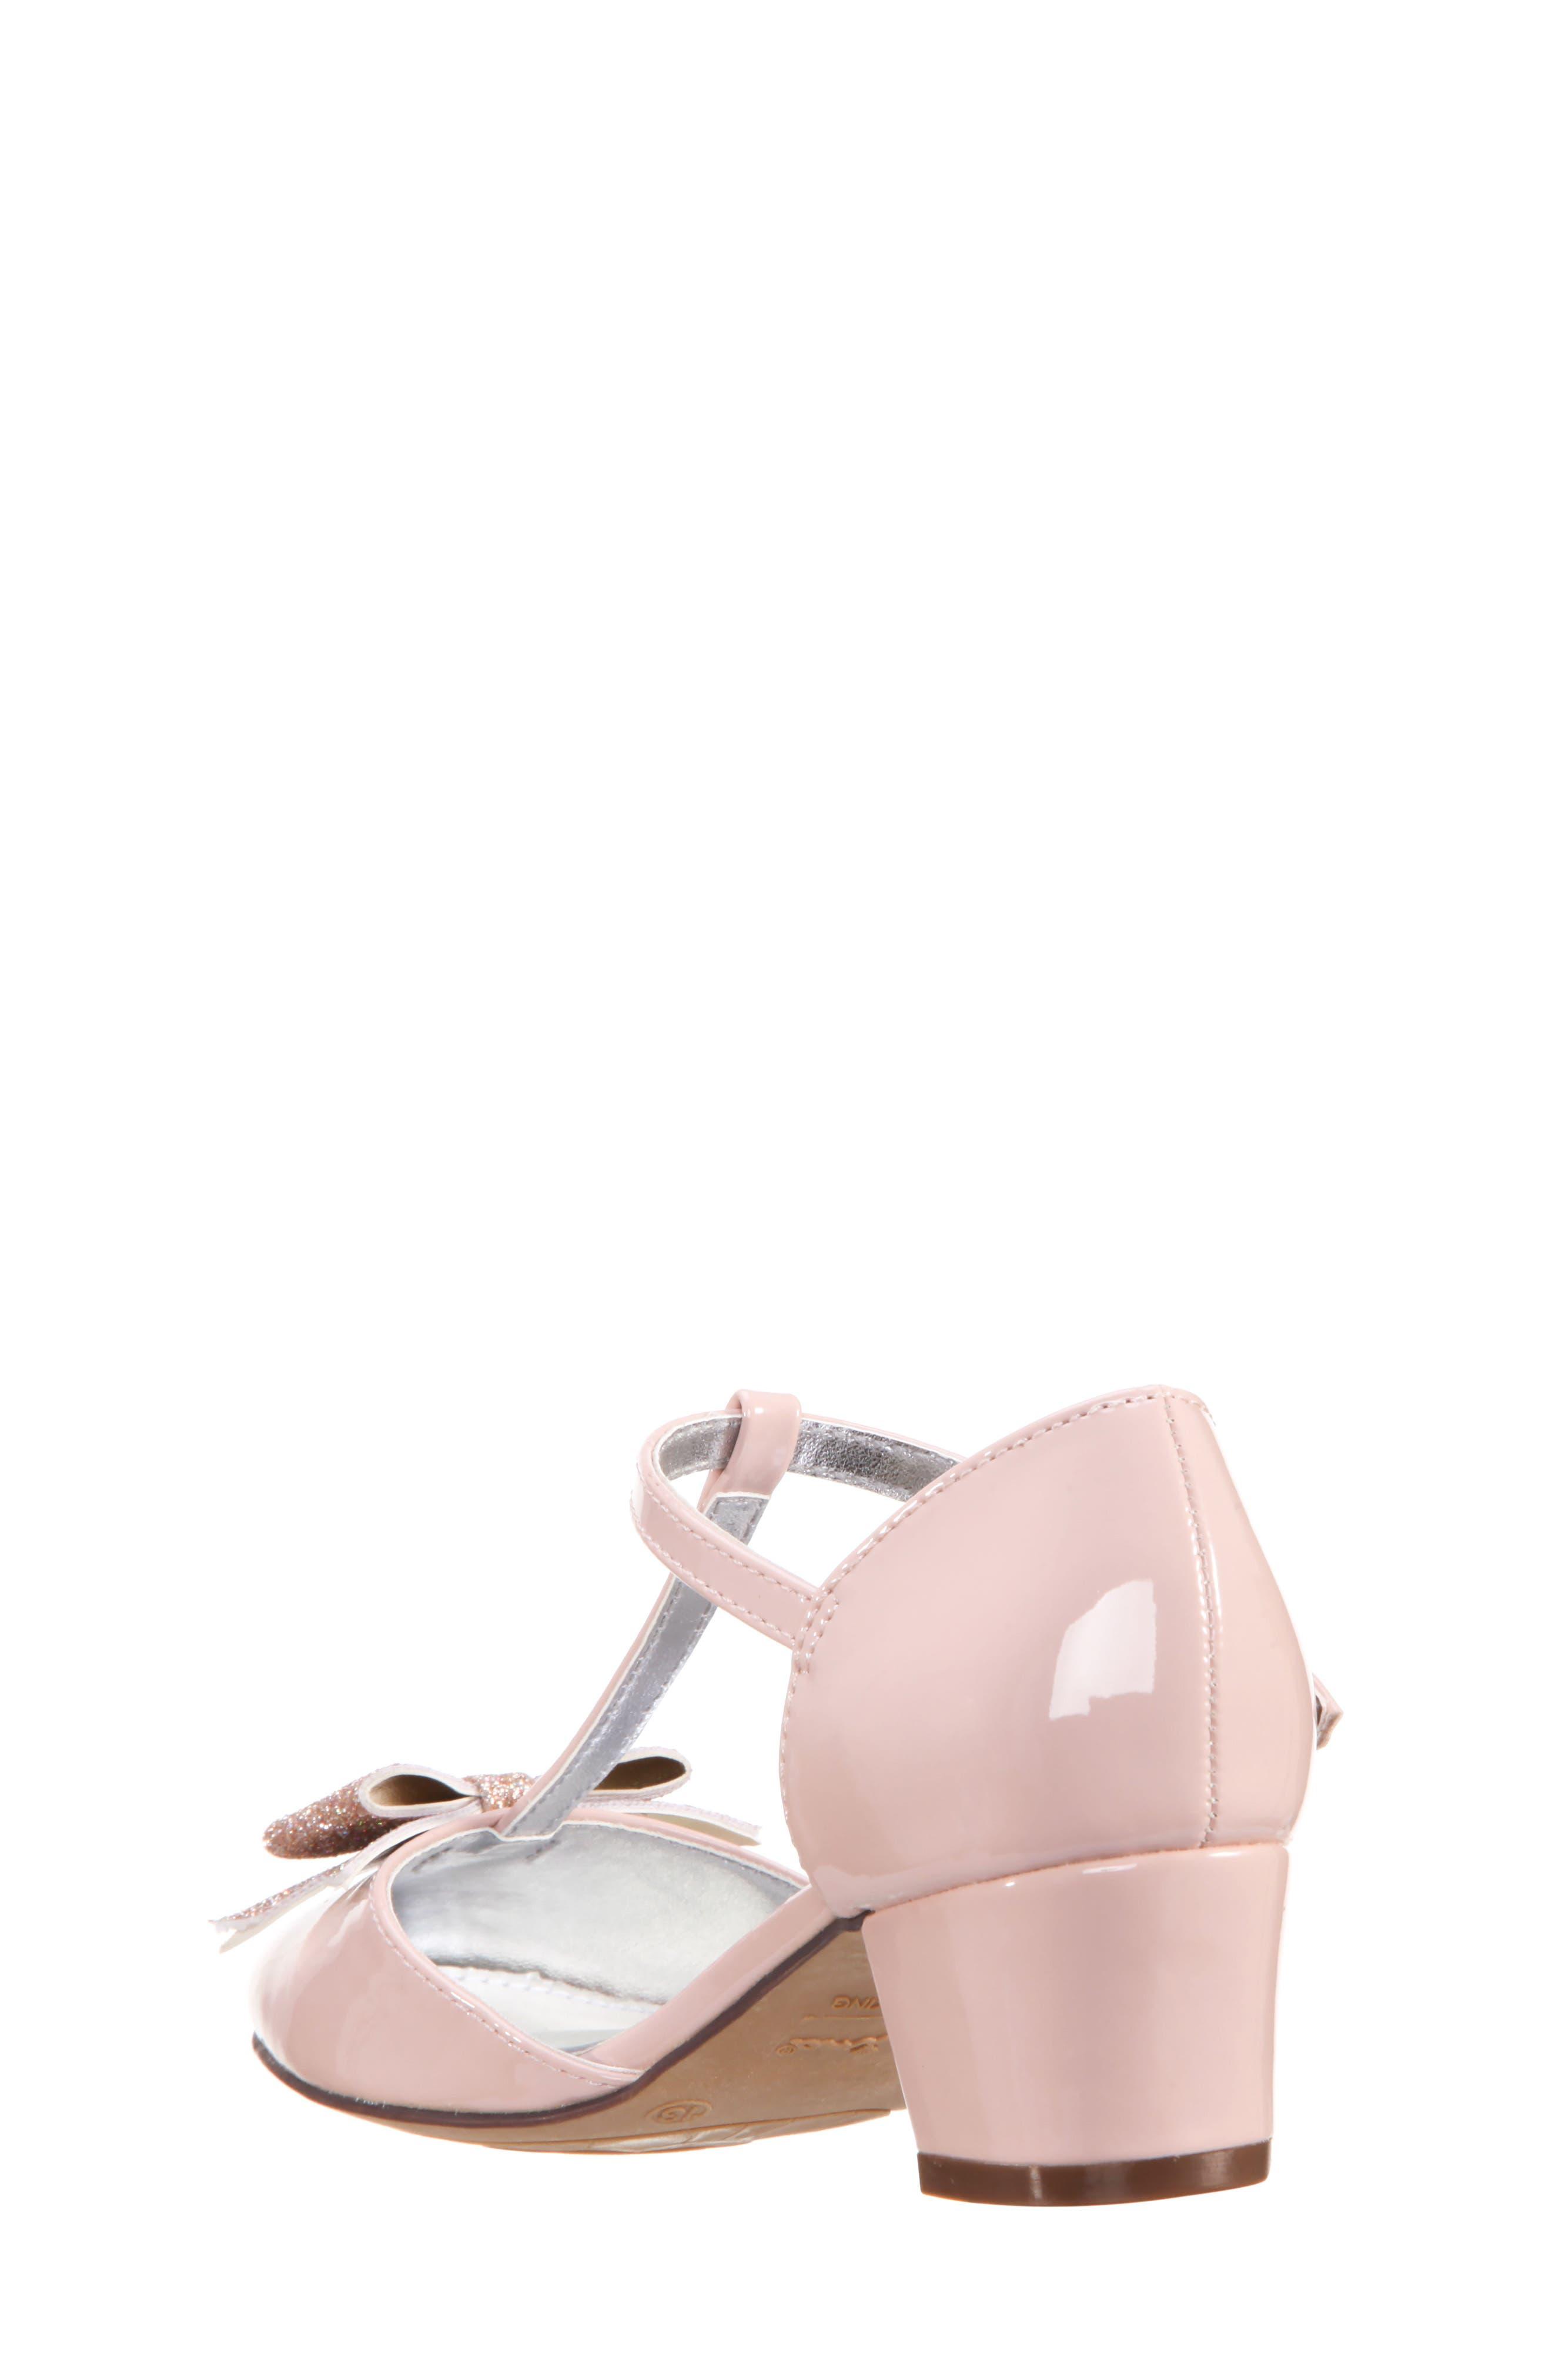 Marvette T-Strap Sandal,                             Alternate thumbnail 2, color,                             Blush Patent